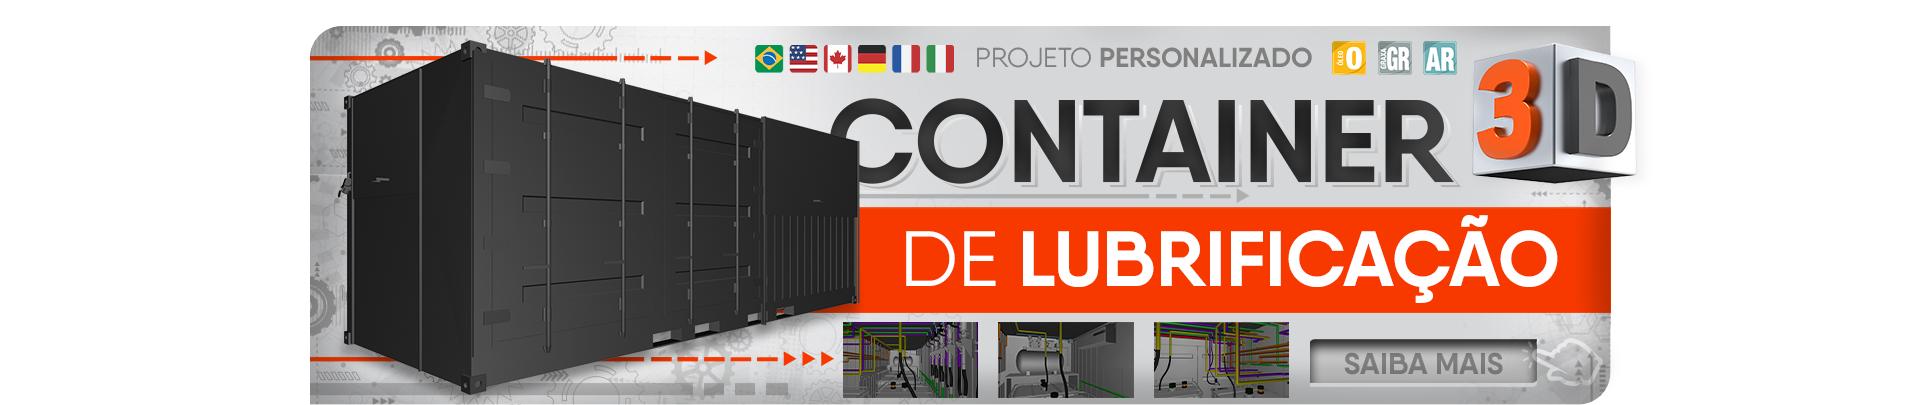 Container de Lubrificação